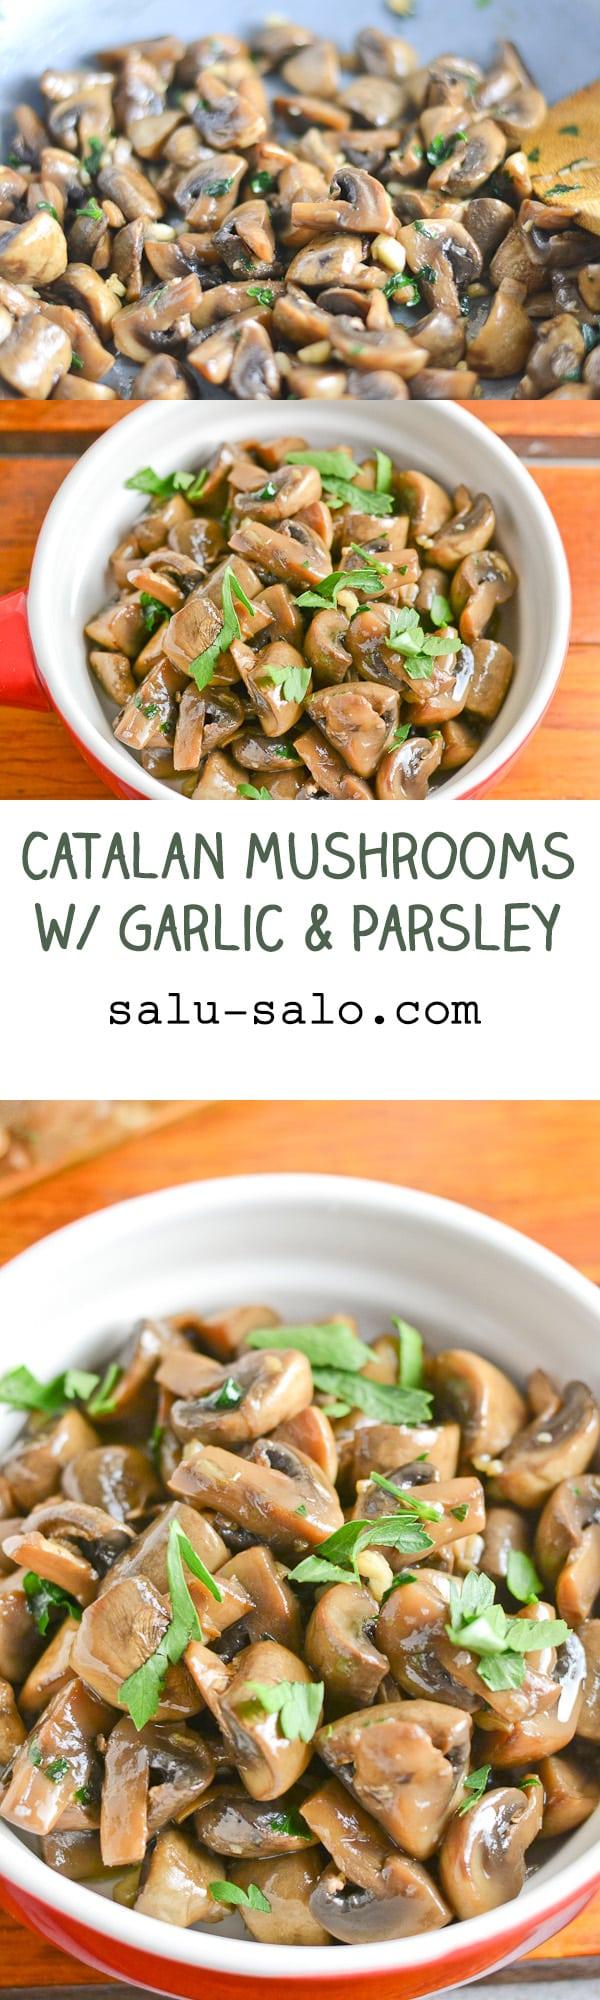 Catalan Mushrooms with Garlic and Parsley